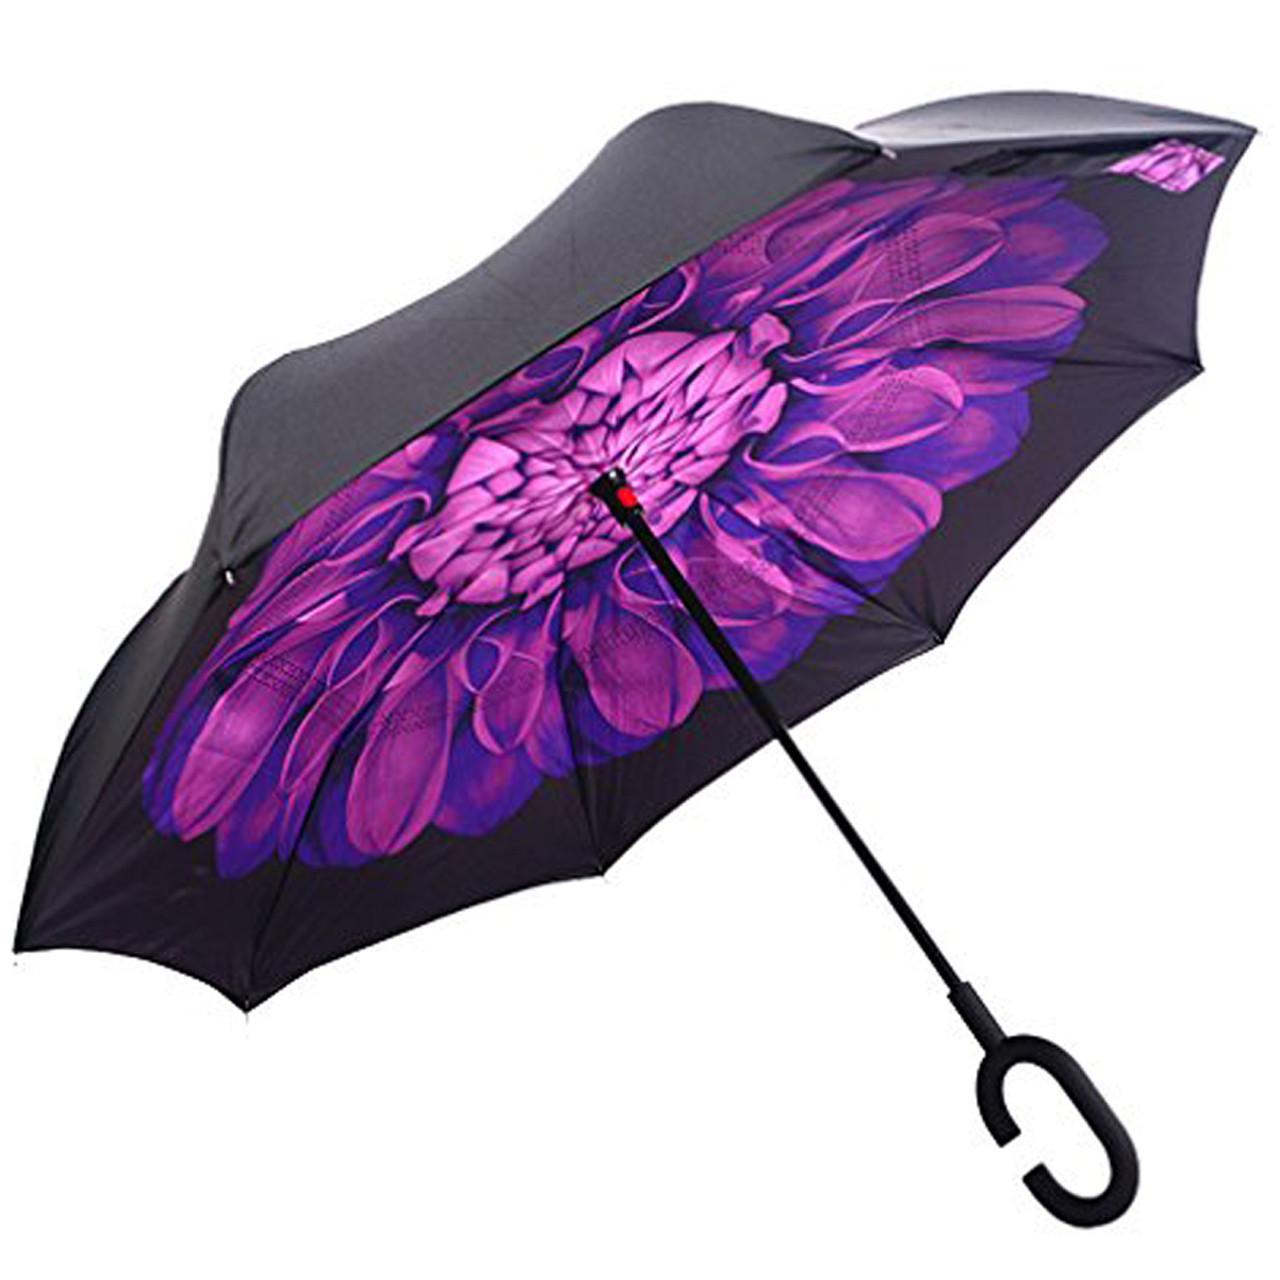 Ветрозащитный зонт Up-Brella антизонт Зонт обратного сложения (Фиолетовый цветок)